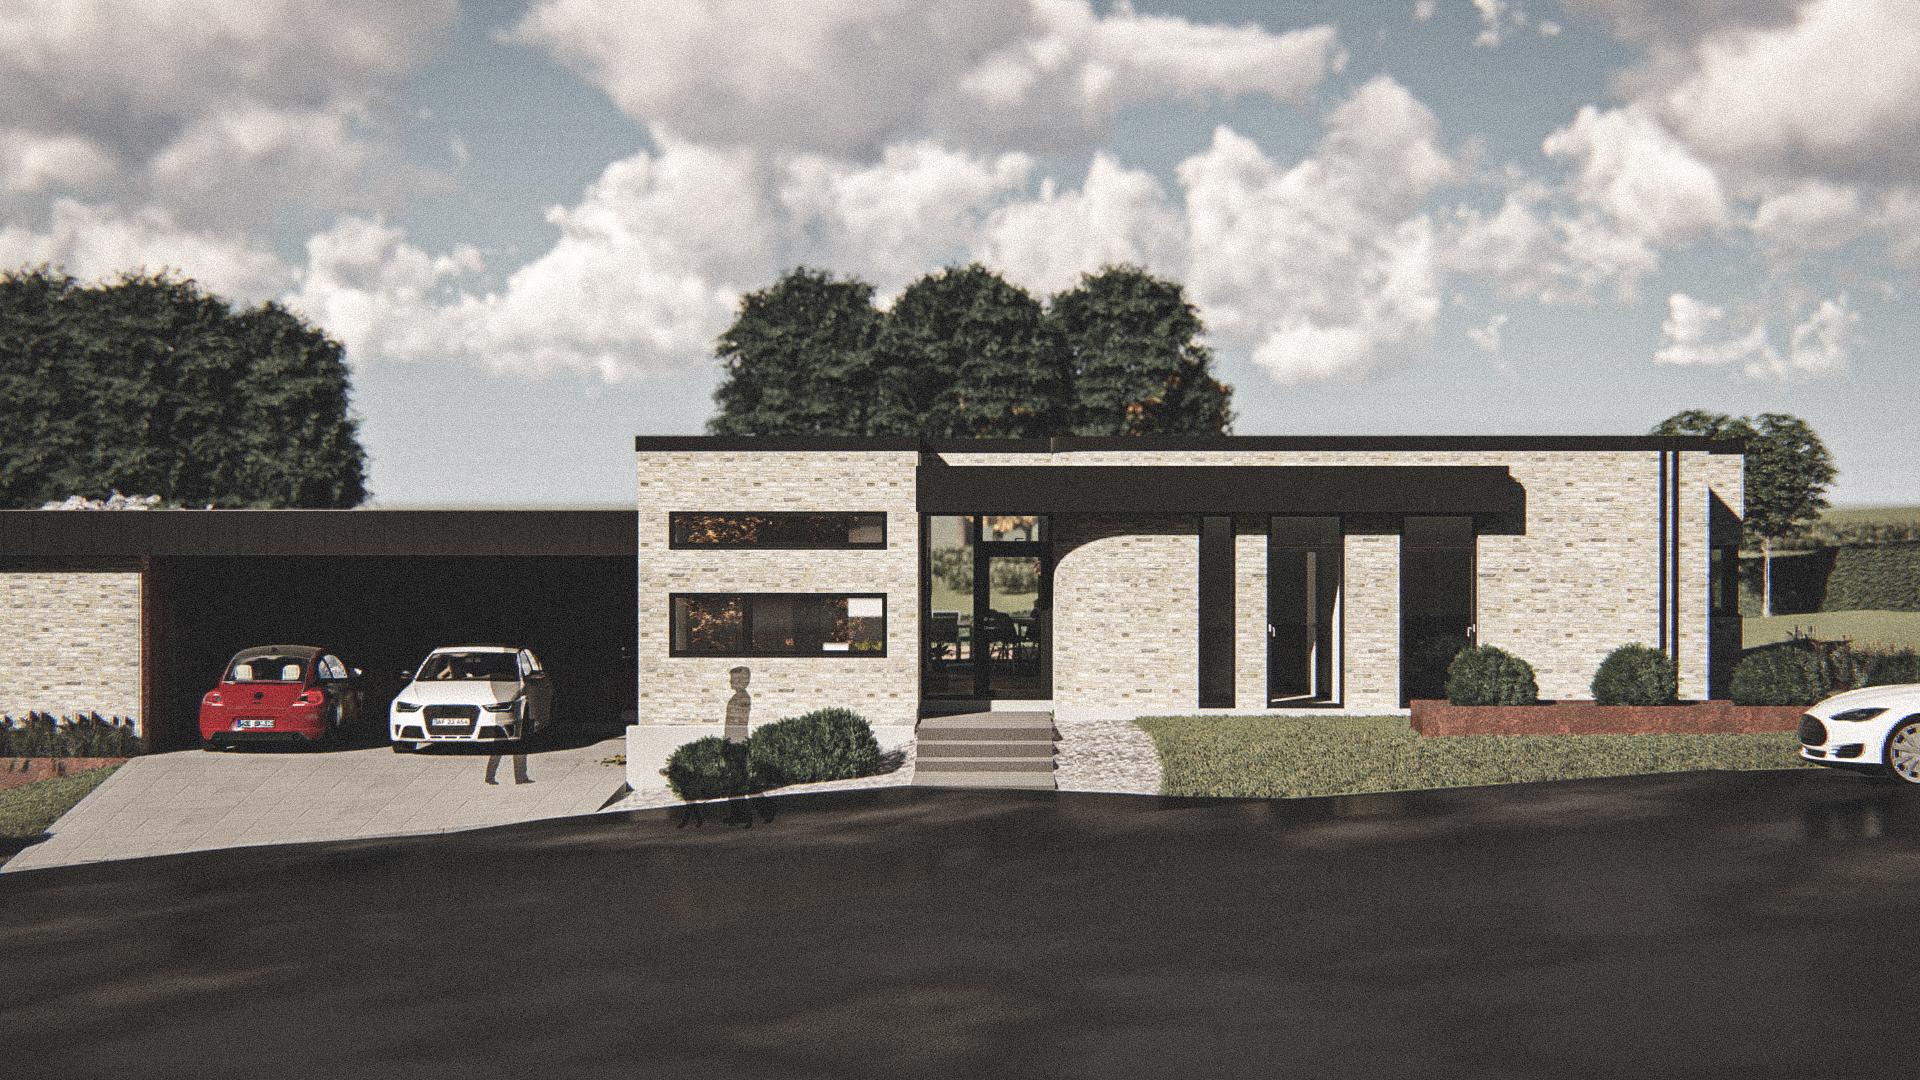 Billede af Dansk arkitekttegnet 1 plan villa af arkitektfirmaet m2plus, i Støvring på 201 kvartratmeter.